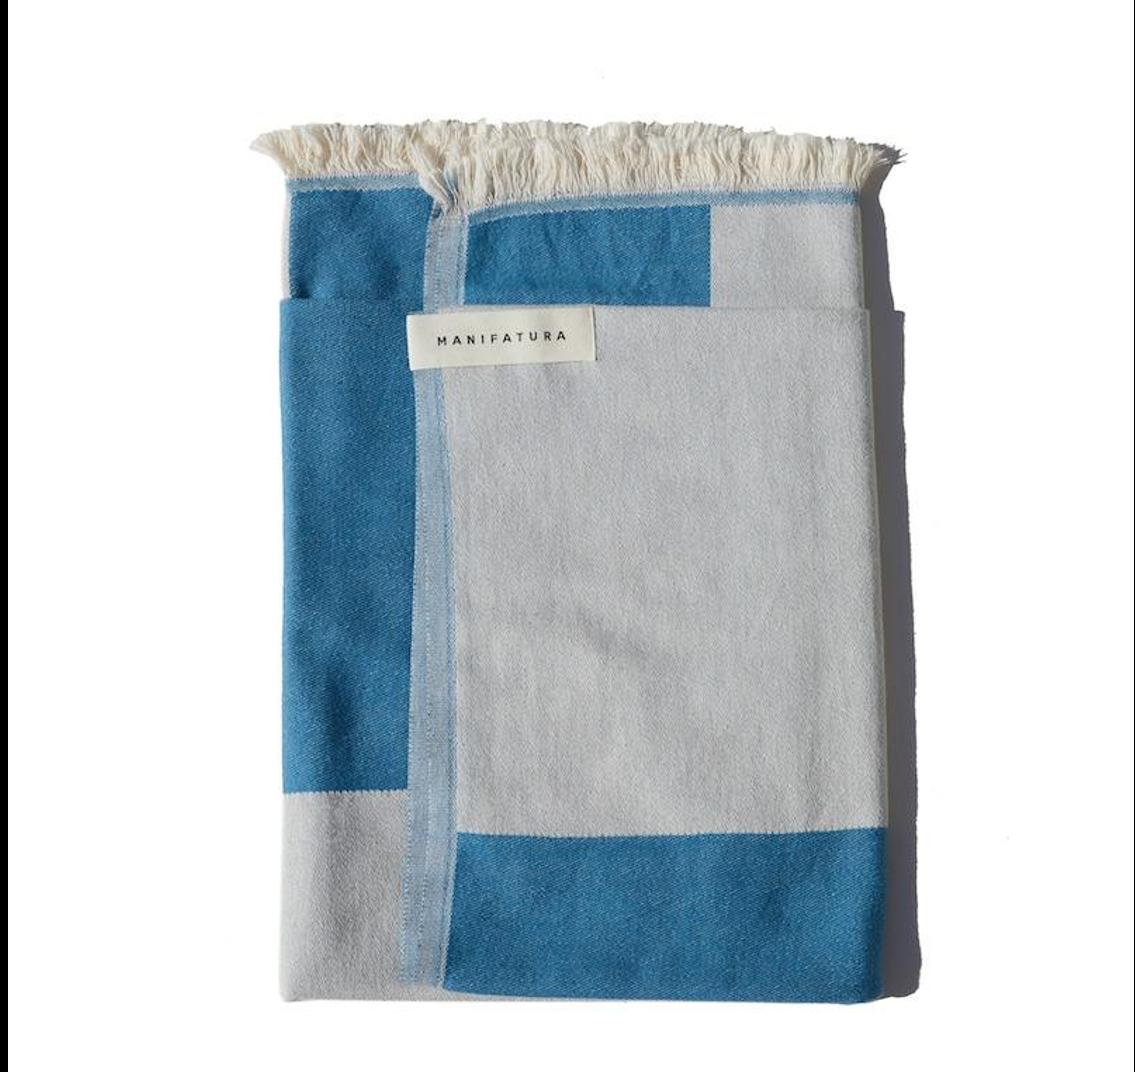 Manifatura Aegean Beach Towel ($65)